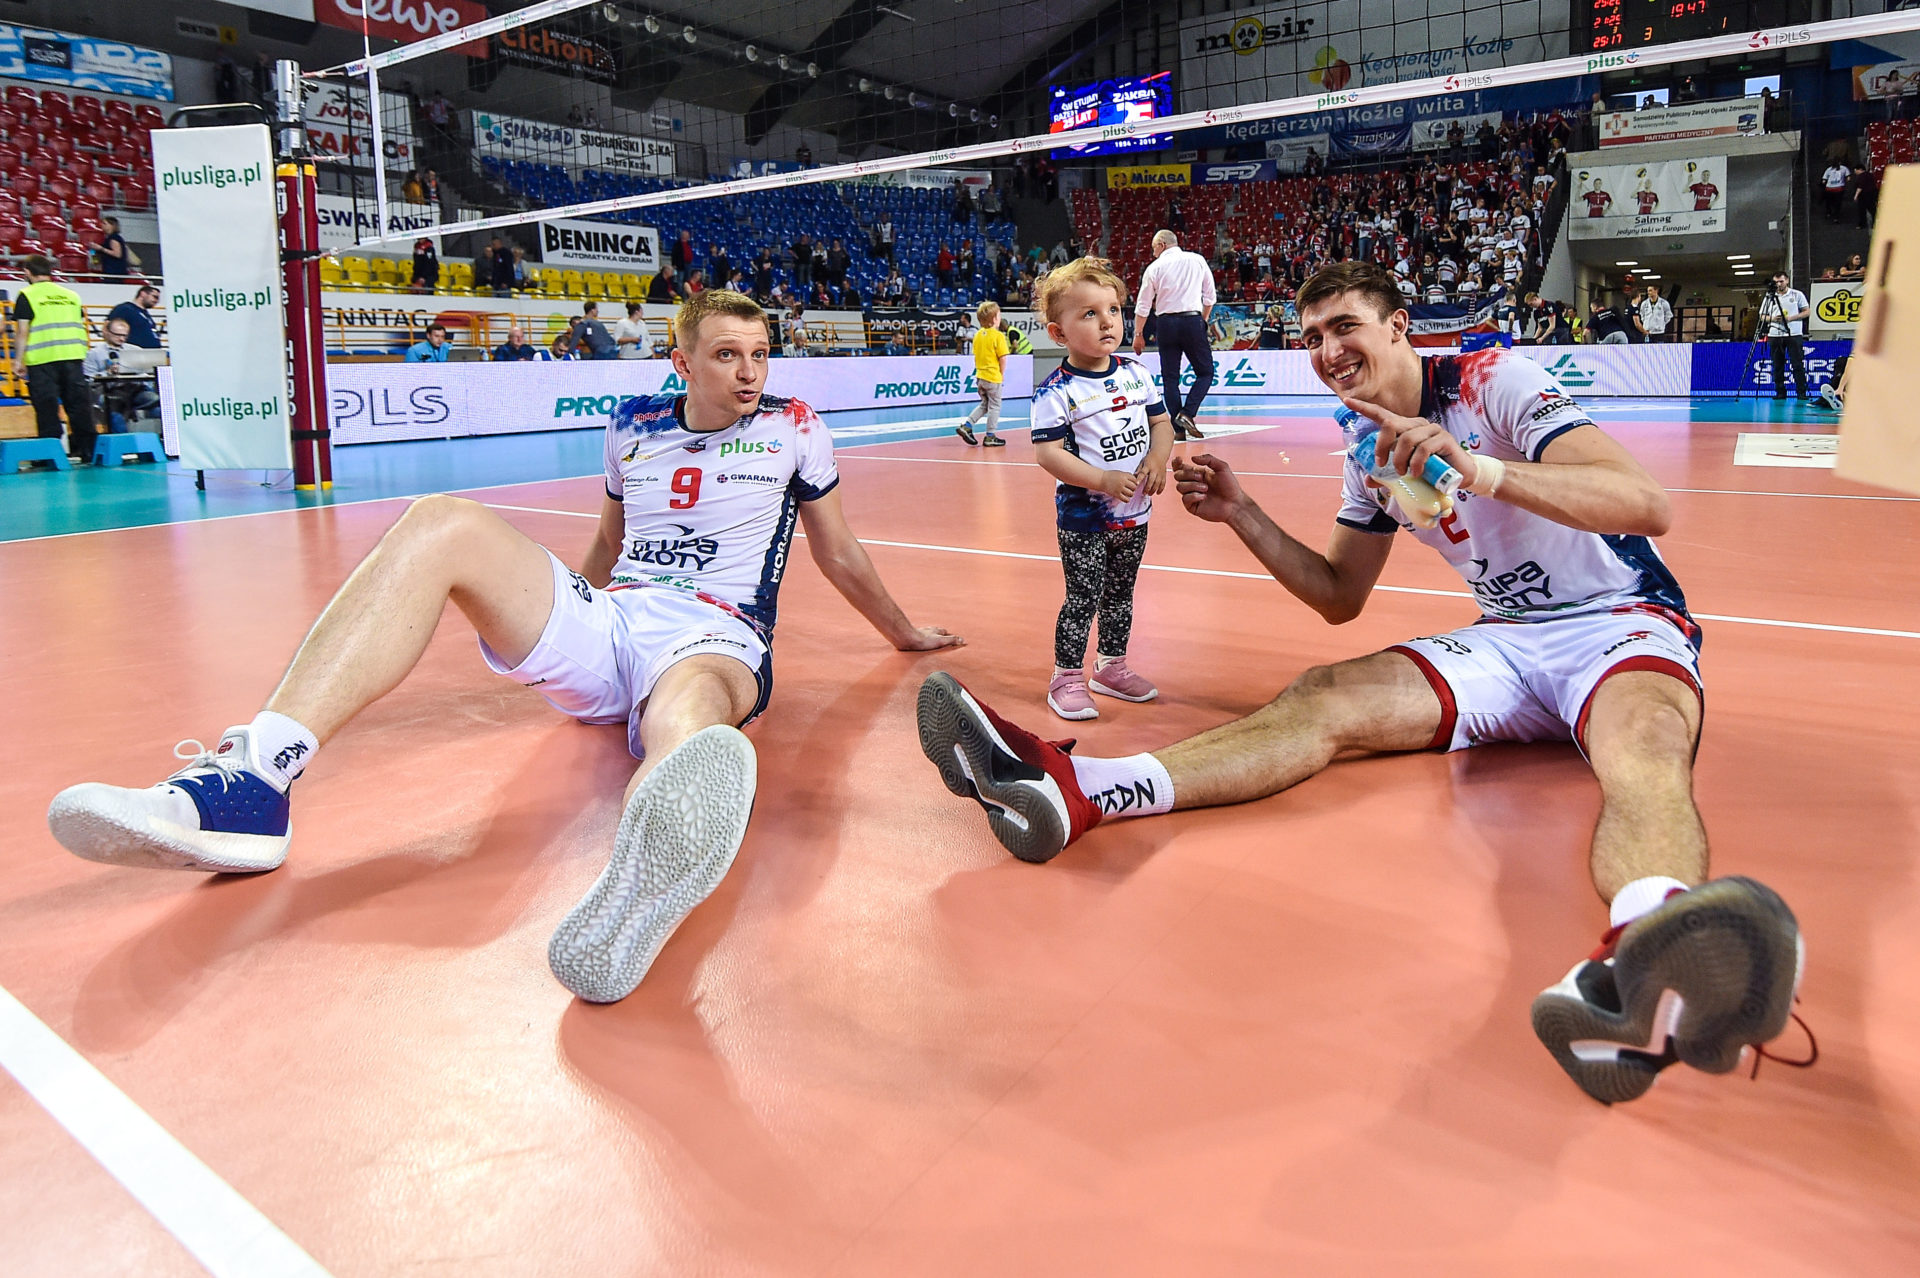 Łukasz Wiśniewski: Wróciłem z wielkimi chęciami do pracy